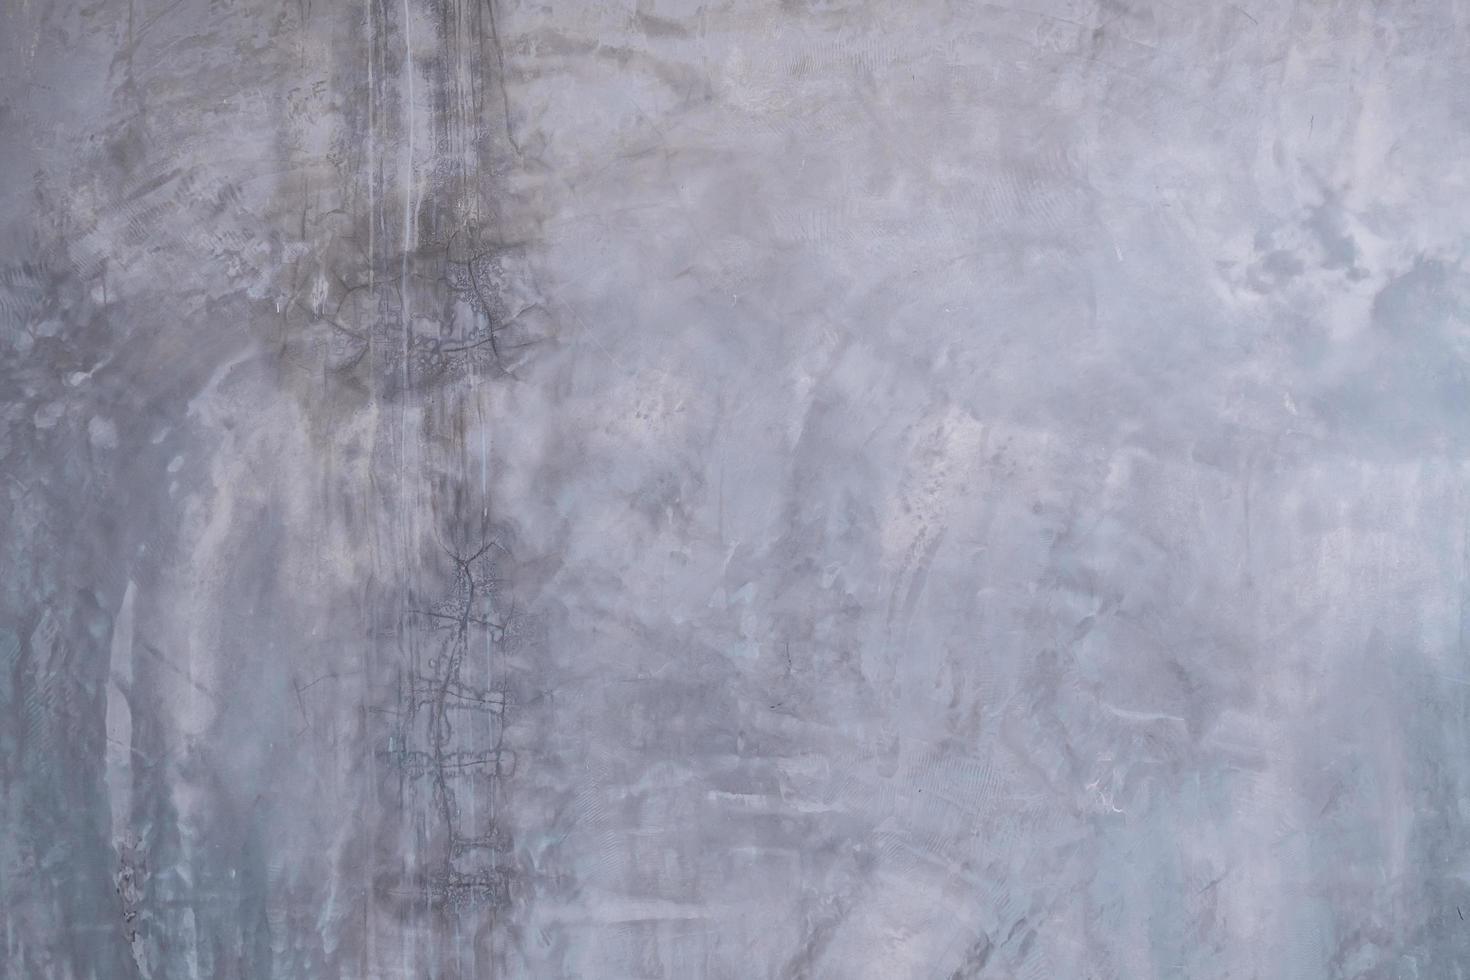 sfondo muro di cemento cemento grunge foto